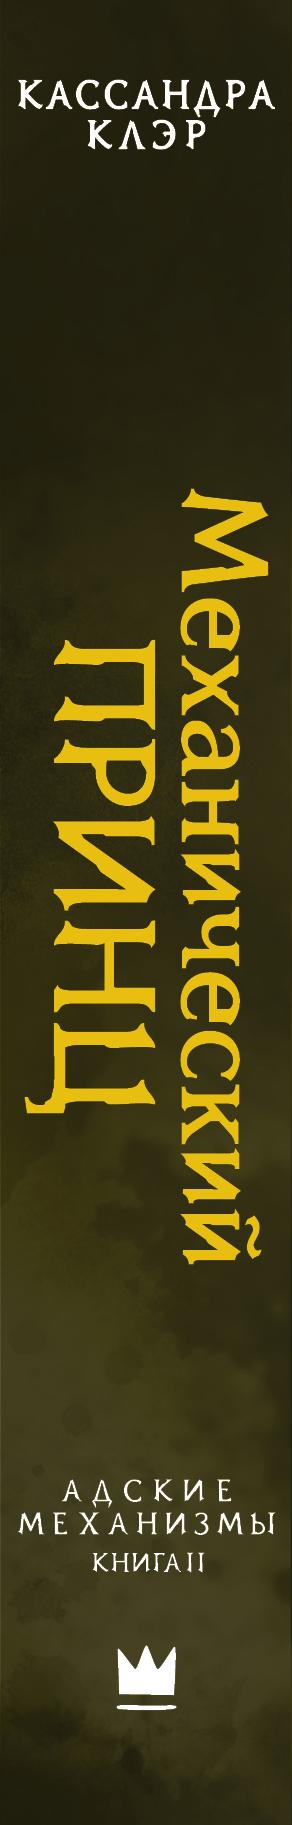 Адские механизмы.  Книга 2.  Механический принц